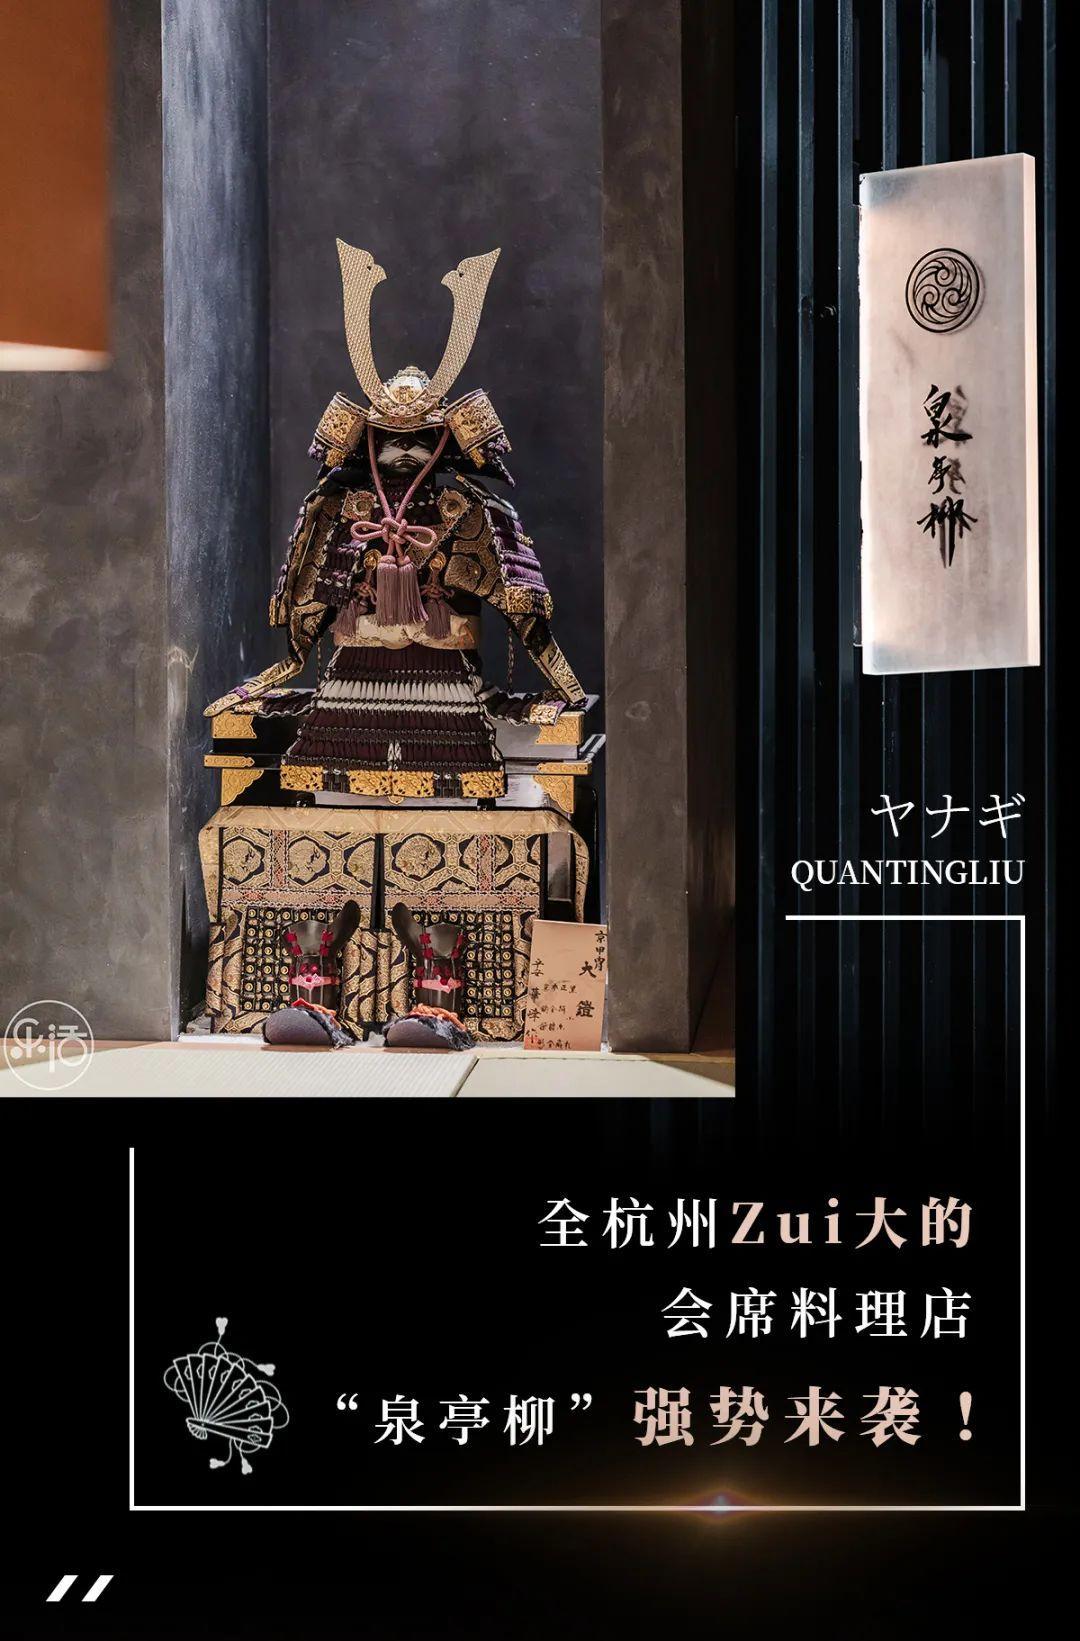 全杭州Zui大的会席料理店来袭!人均600元就能体验到的Top级日料,来自日本饮食文化的上等名流之选!(图2)